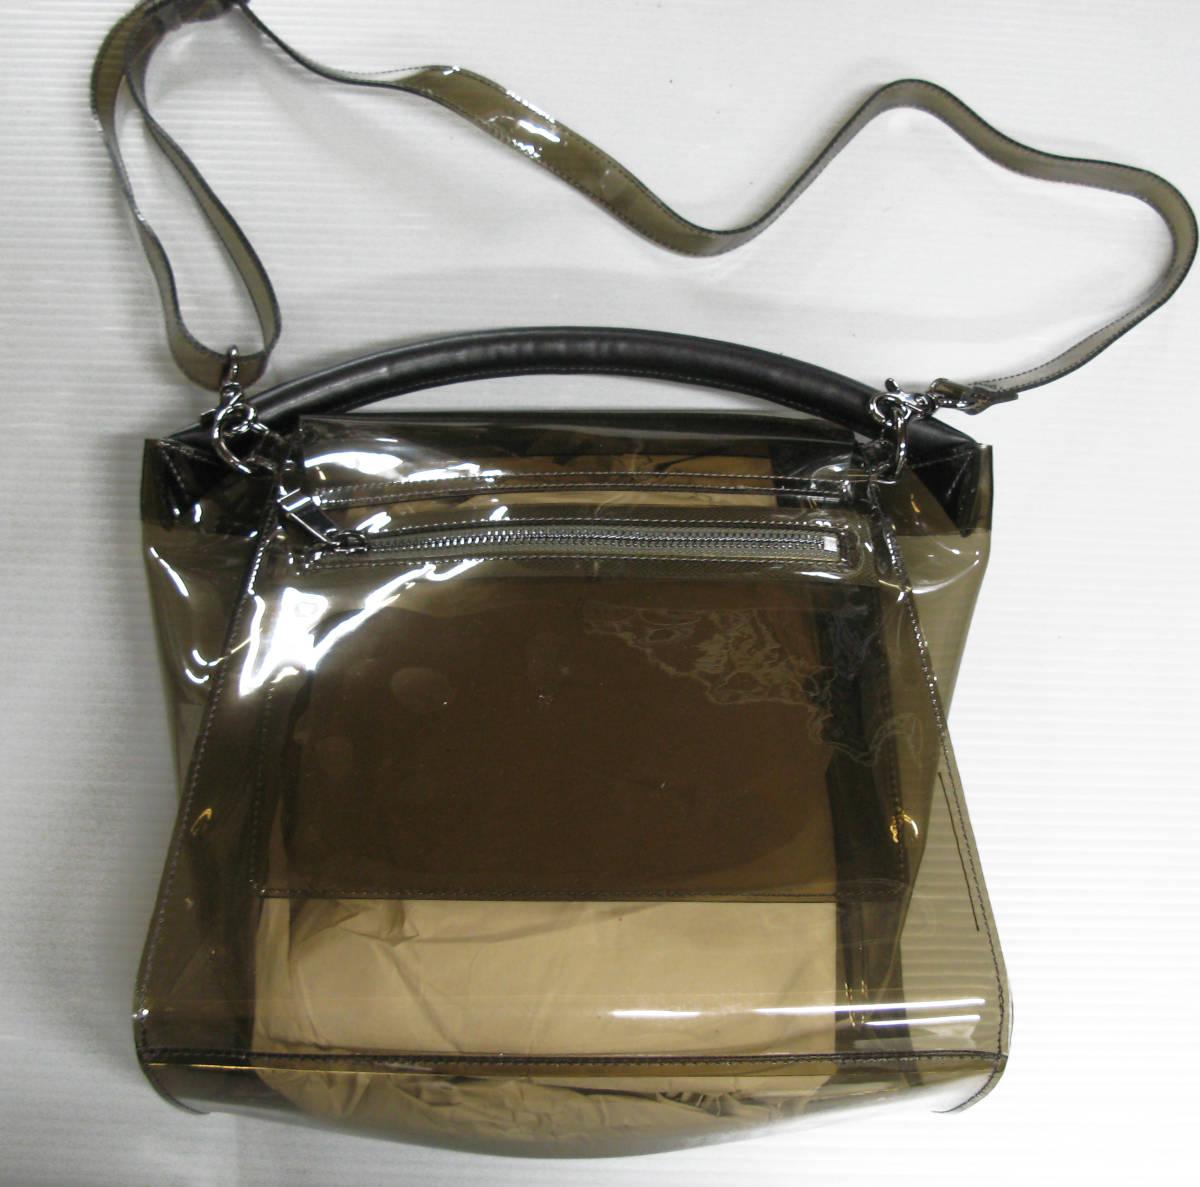 ズッカ ZUCCA*ビニール ショルダー バッグ ( 2WAYバッグ クリアバッグ キャンディバッグ バックルバッグ bag_画像2